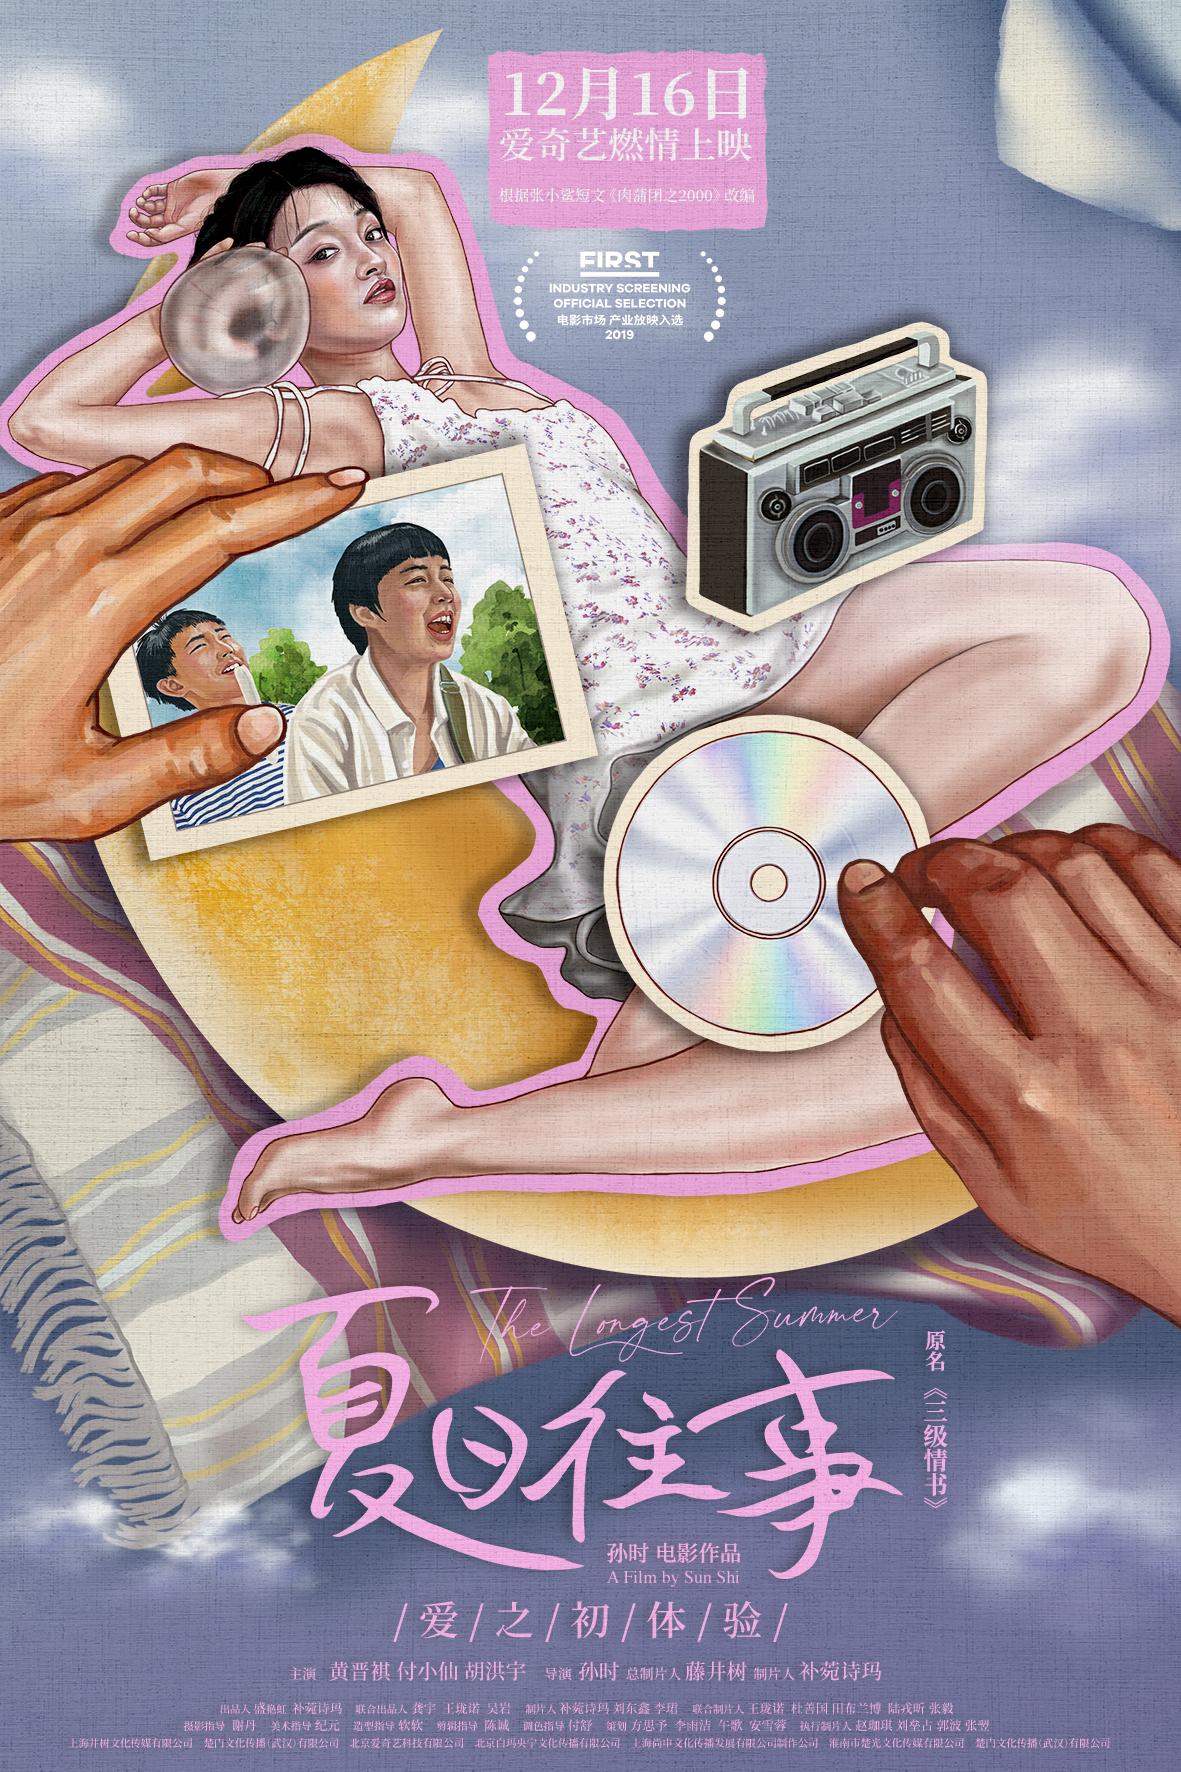 电影《夏日往事》海报设计2/3